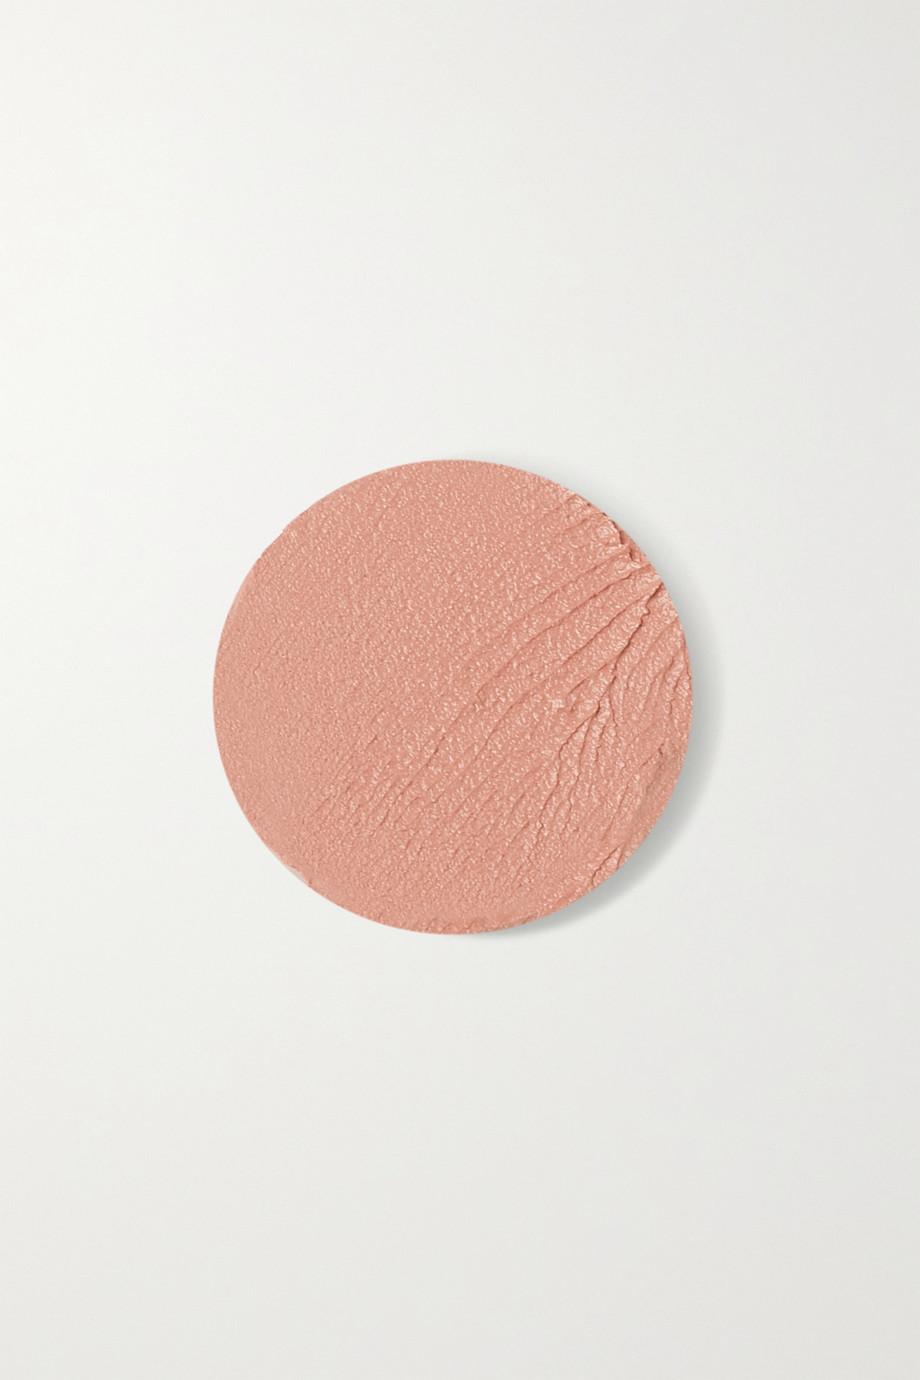 Kjaer Weis Lipstick - Gracious